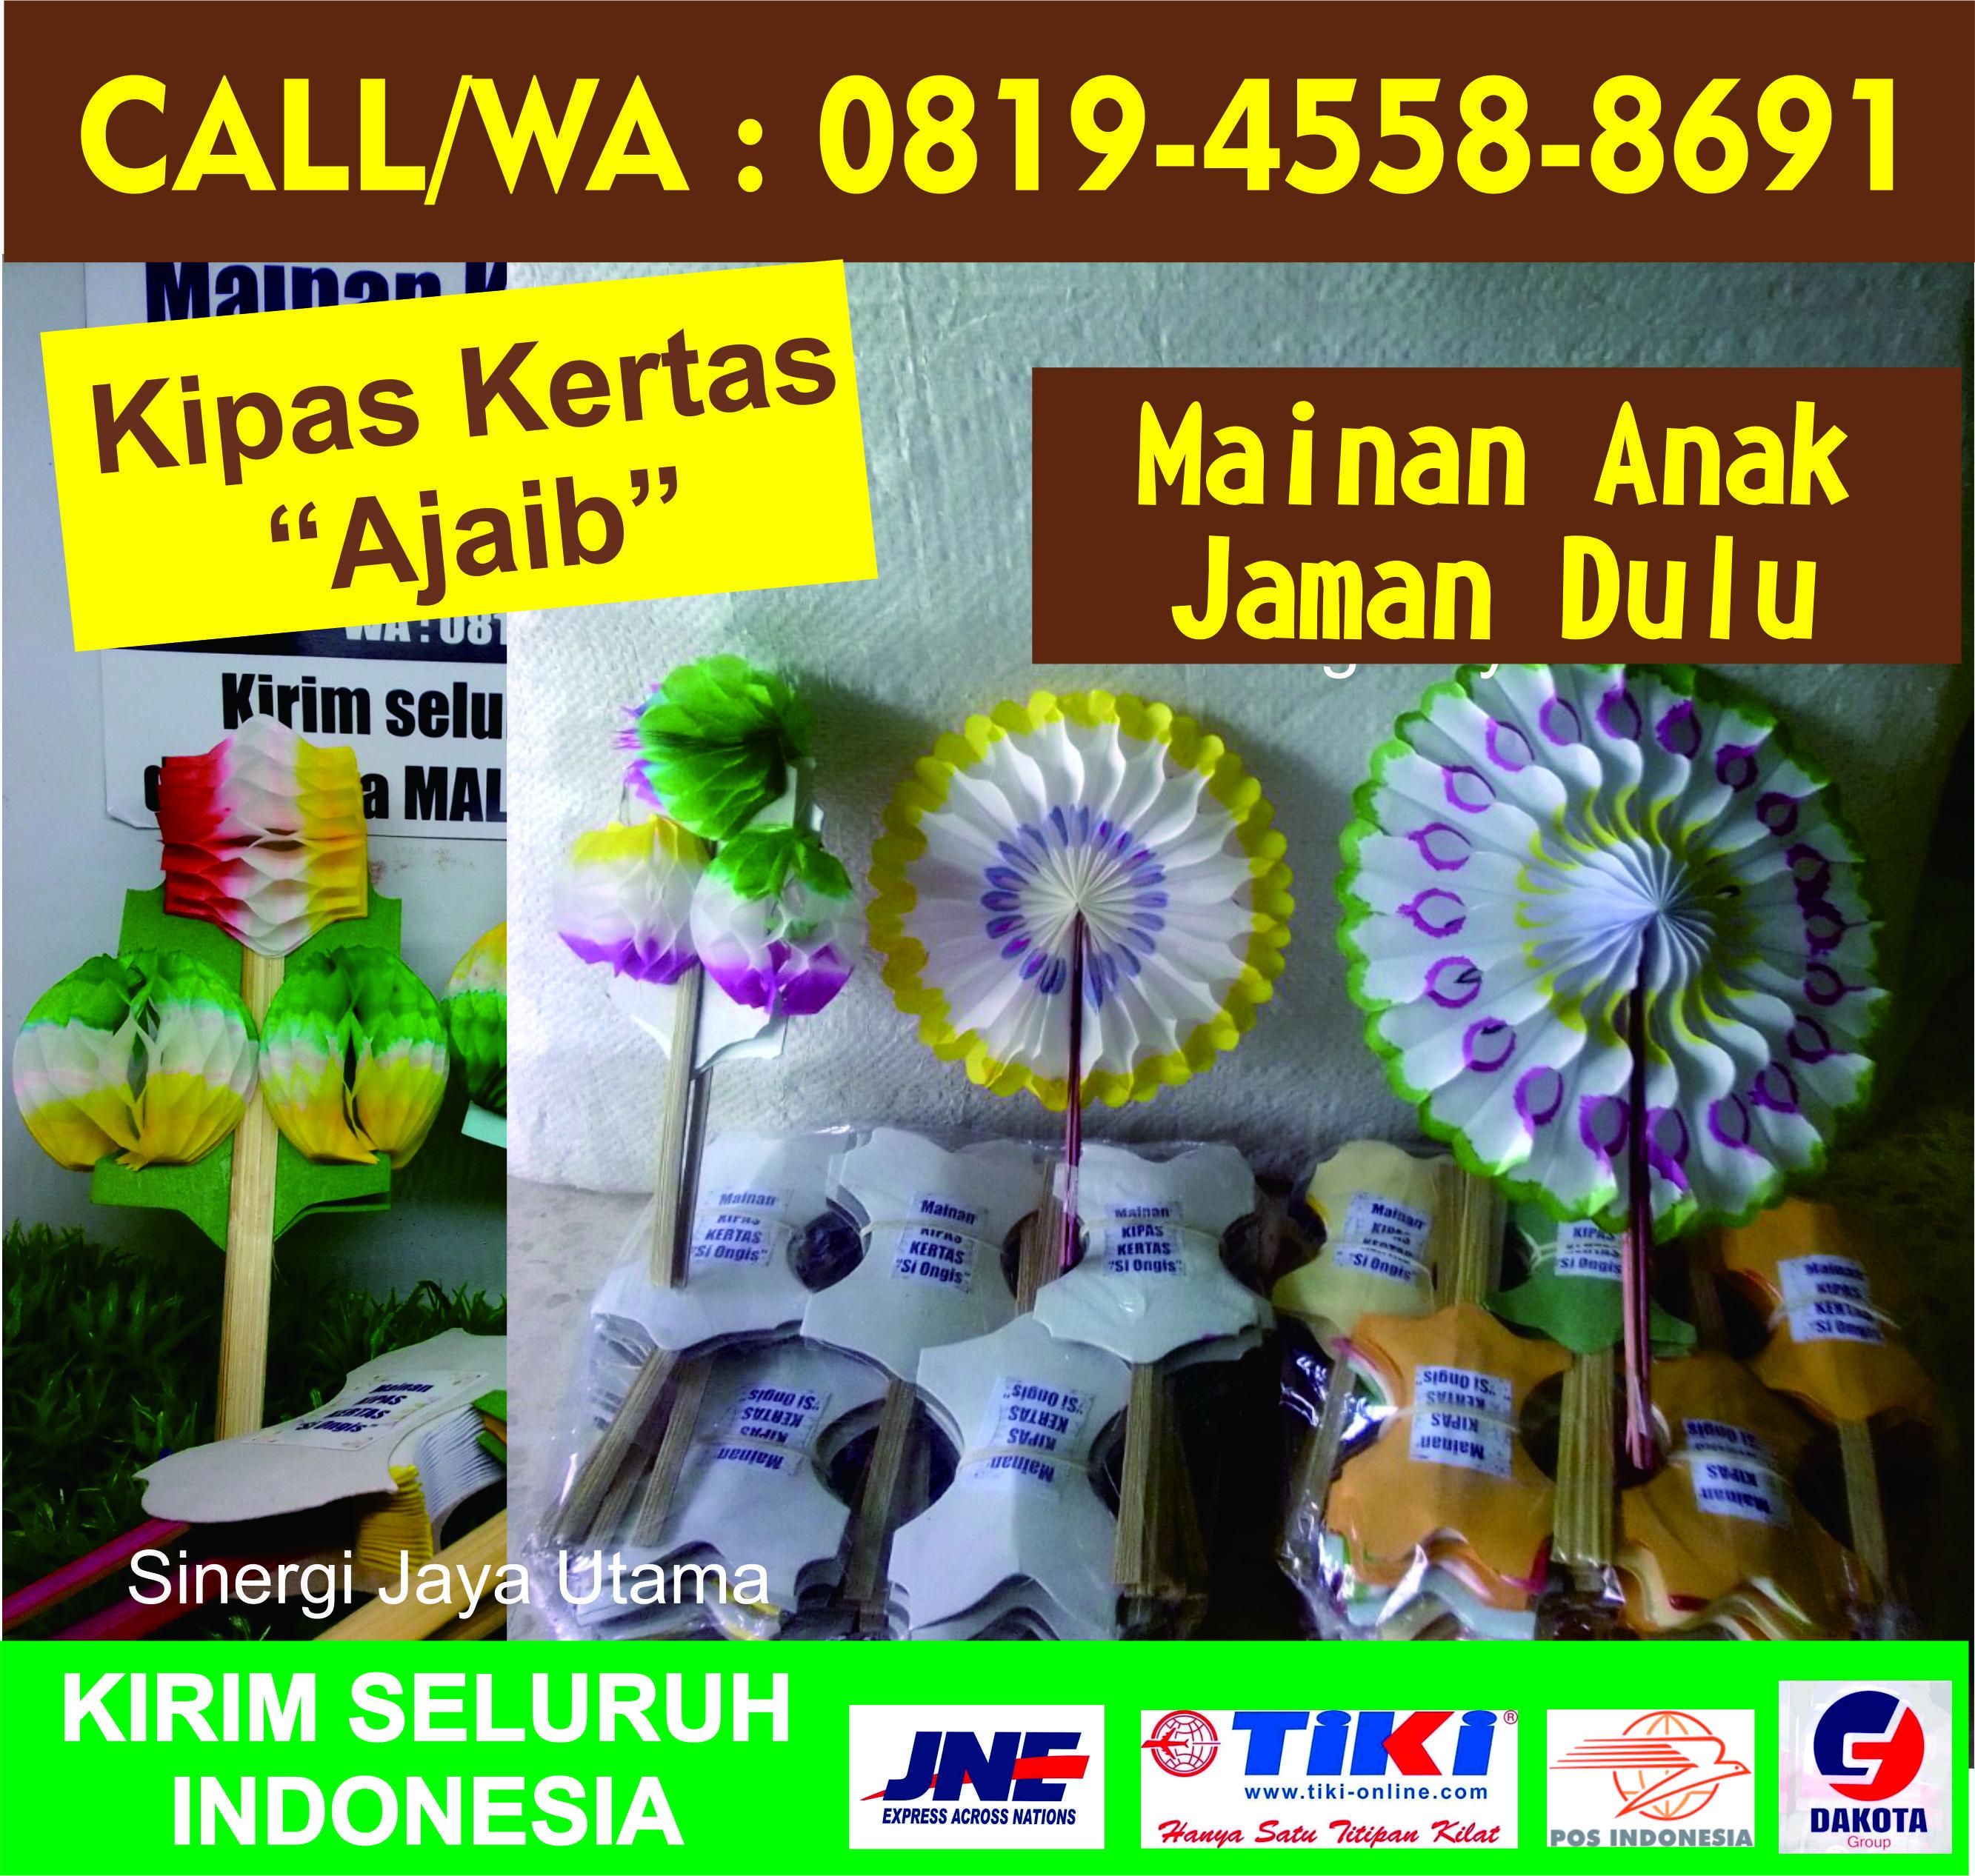 Jual Mainan Tradisional Surabaya, Jual Mainan Tradisional